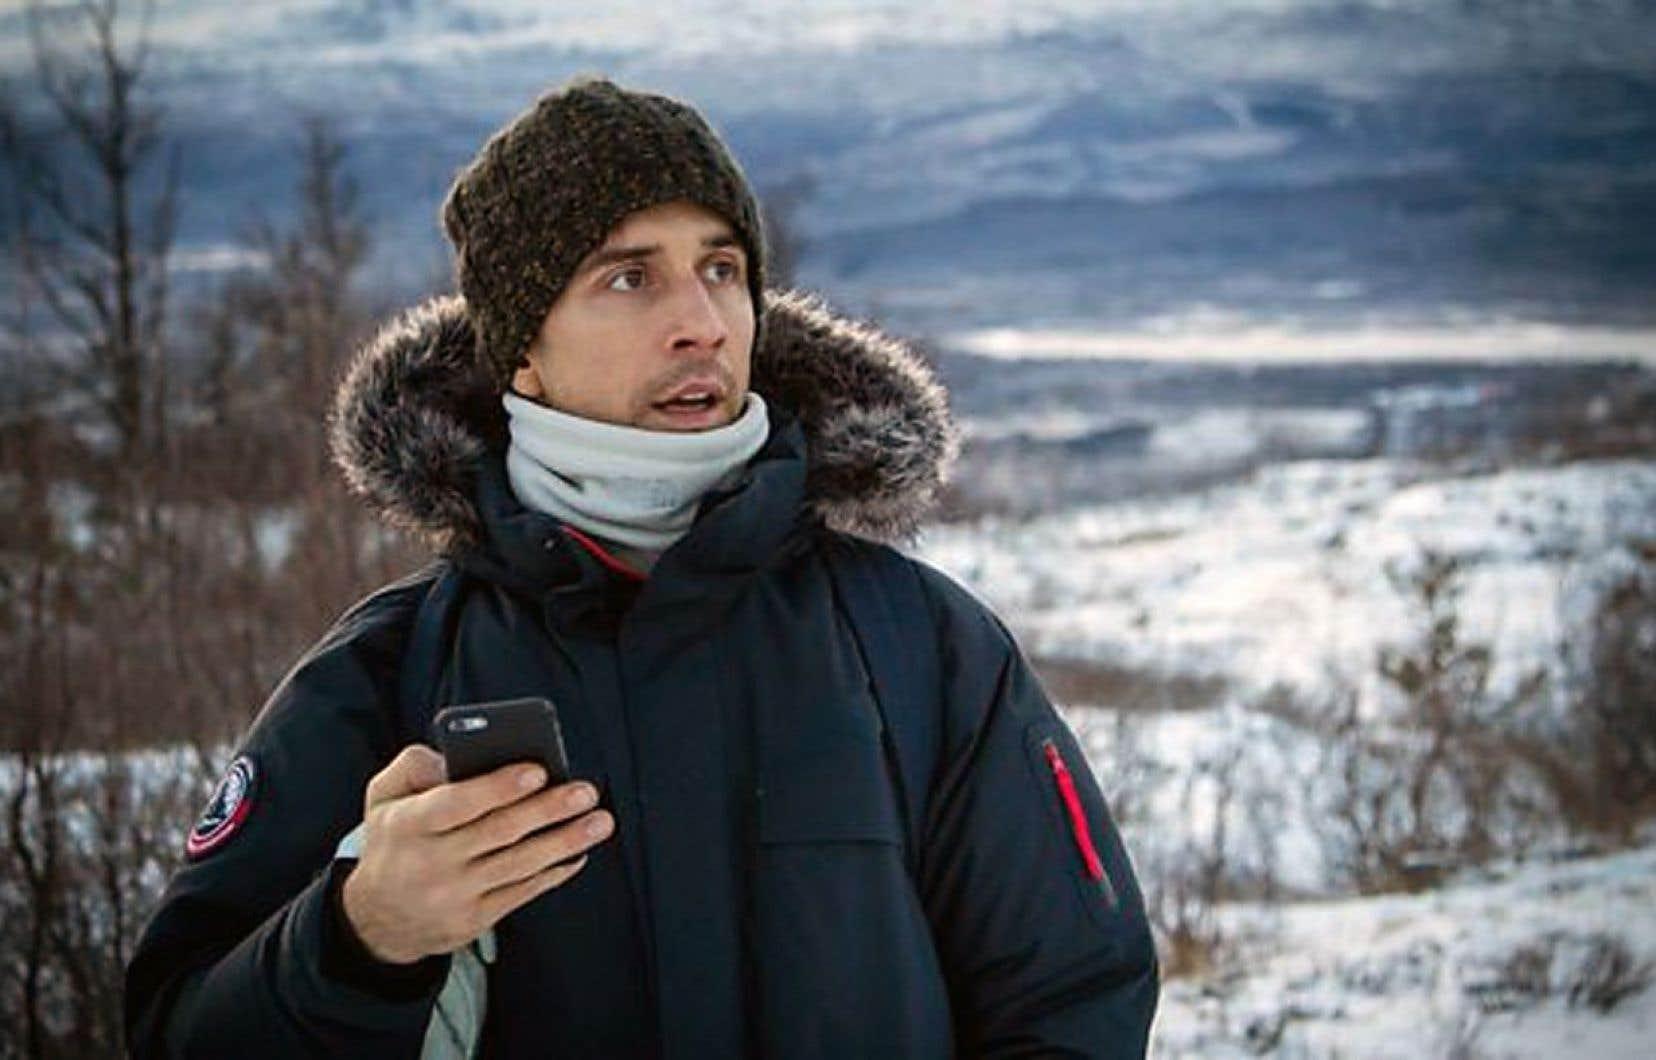 «Stupid Man, Smartphone», émission d'aventure de la BBC, suit le comédien Russell Kane au bout du monde, du cercle arctique jusqu'au Sahara